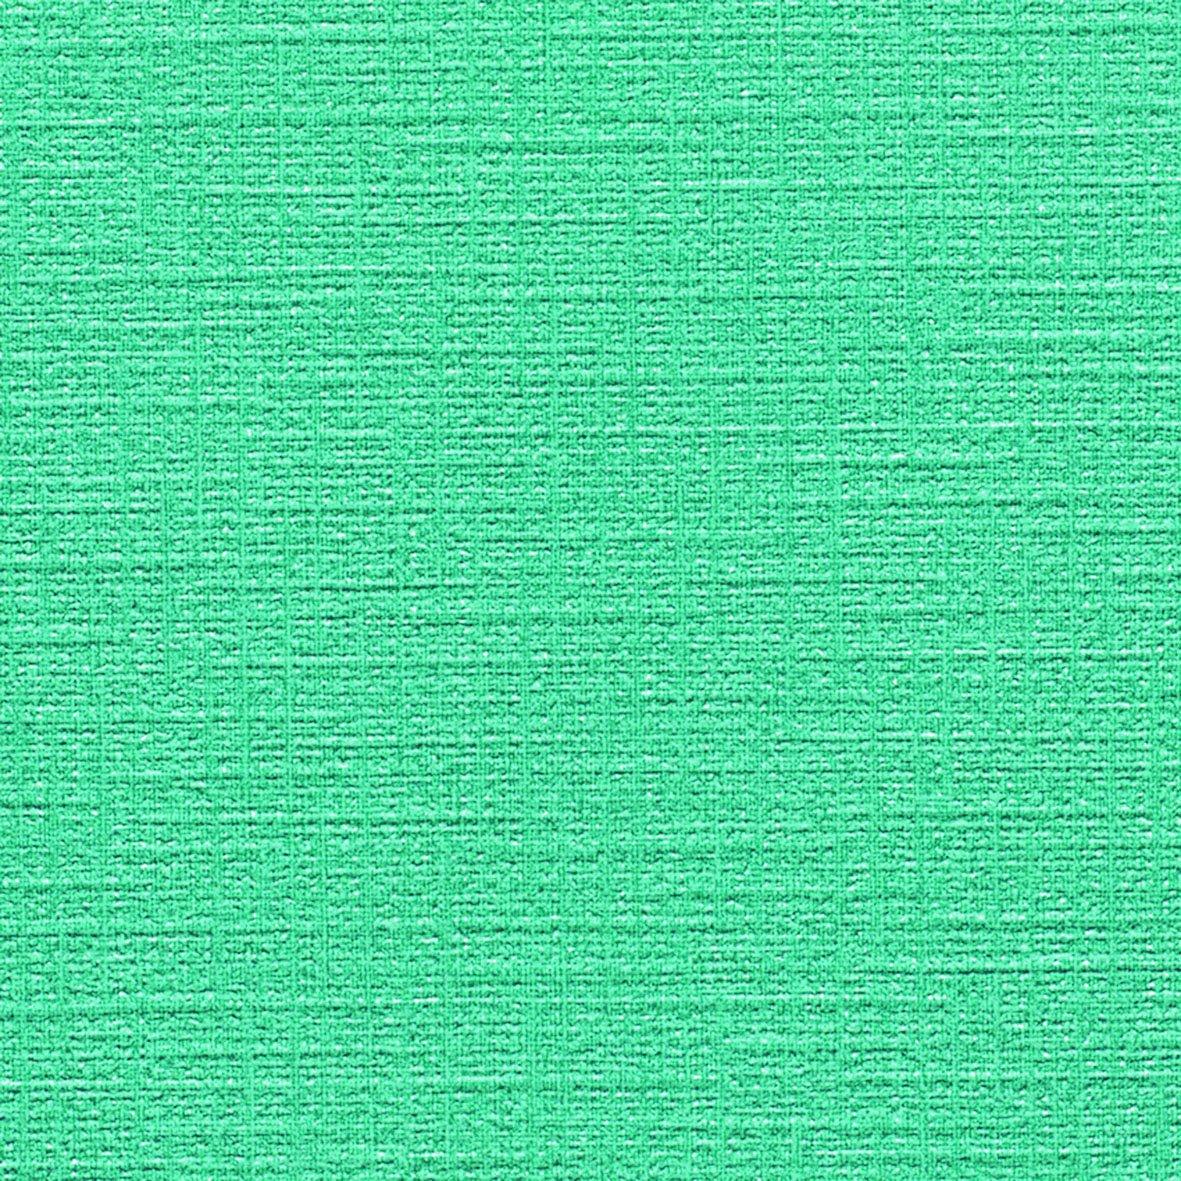 リリカラ 壁紙20m ナチュラル 織物調 ホワイト LL-8382 B01N020SBT 20m|ホワイト